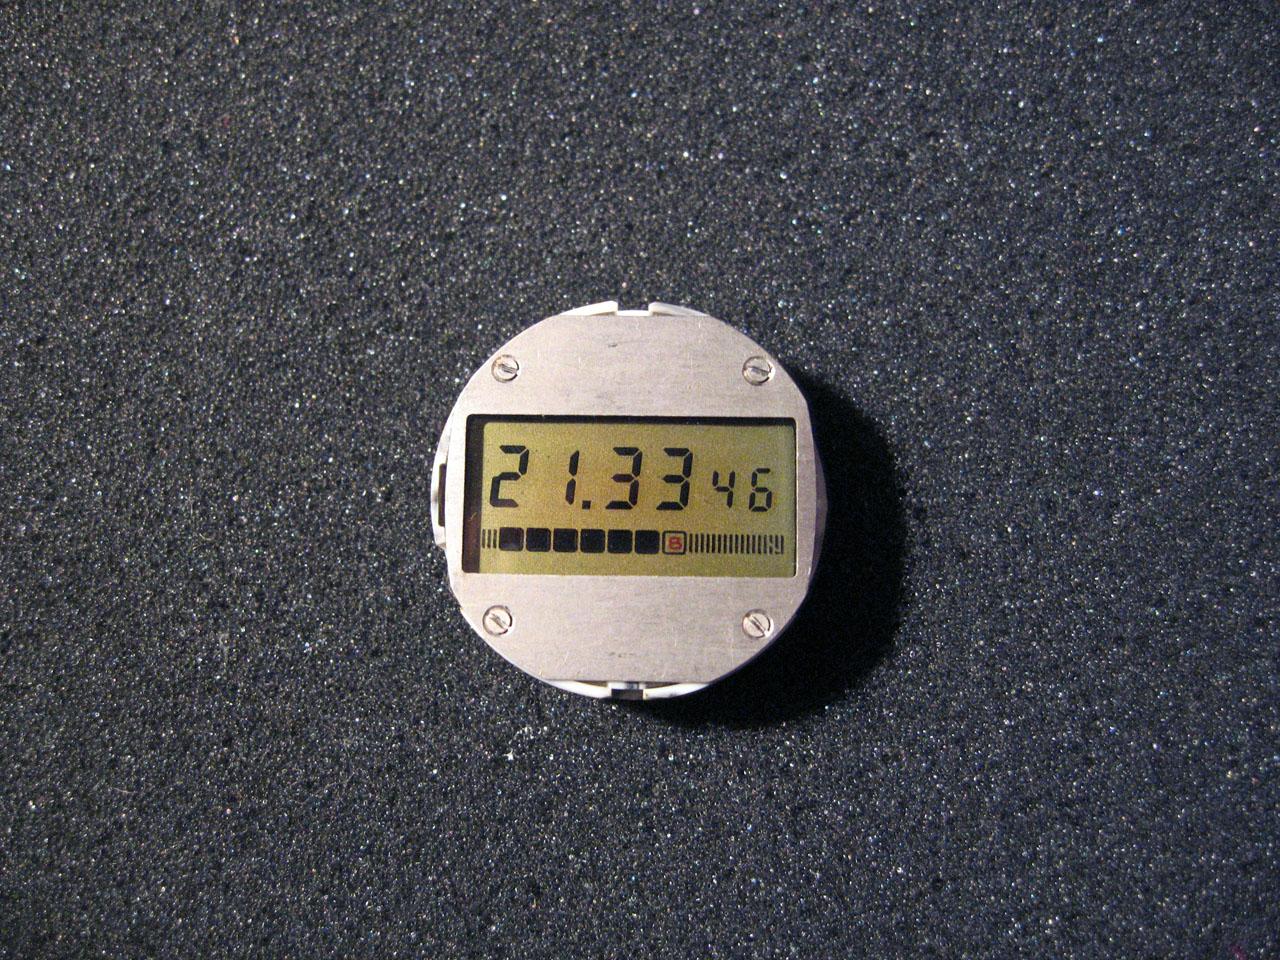 Нажмите на изображение для увеличения Название: 16.jpg Просмотров: 1328 Размер: 524.4 Кб ID: 175474